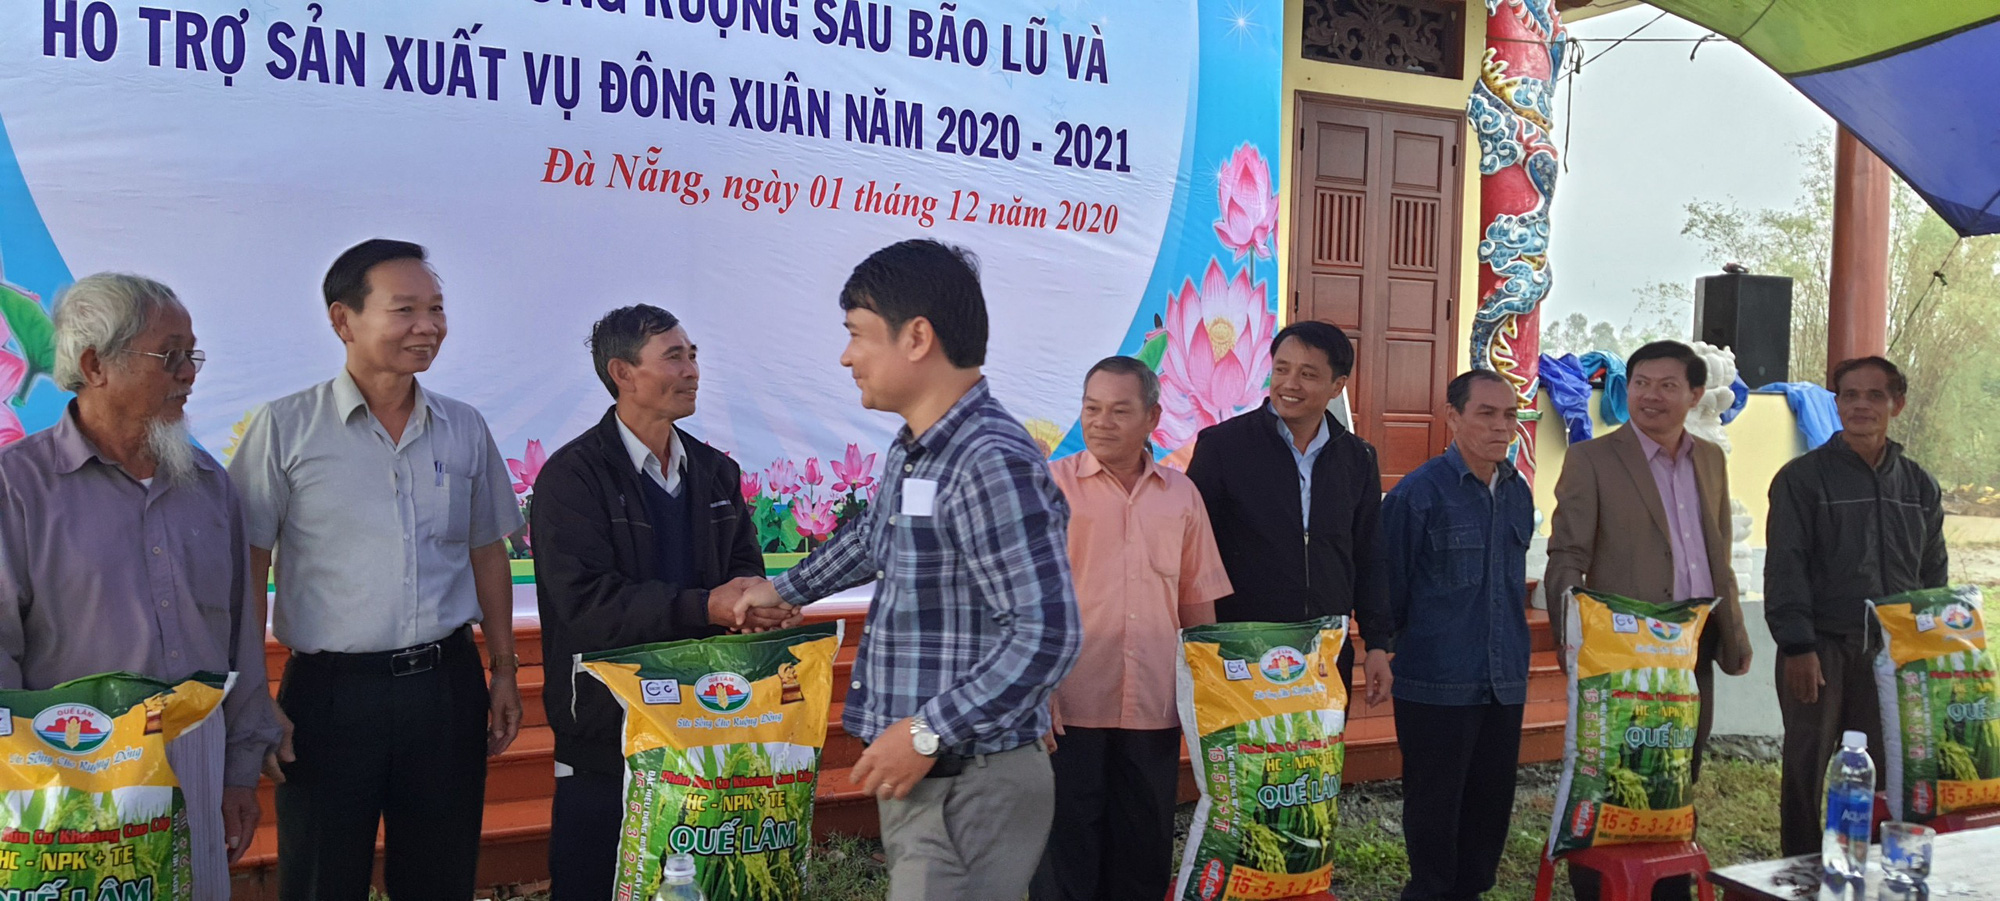 Hội Nông dân Đà Nẵng ra quân dọn vệ sinh đồng ruộng và hỗ trợ nông dân sản xuất sau bão lũ - Ảnh 3.